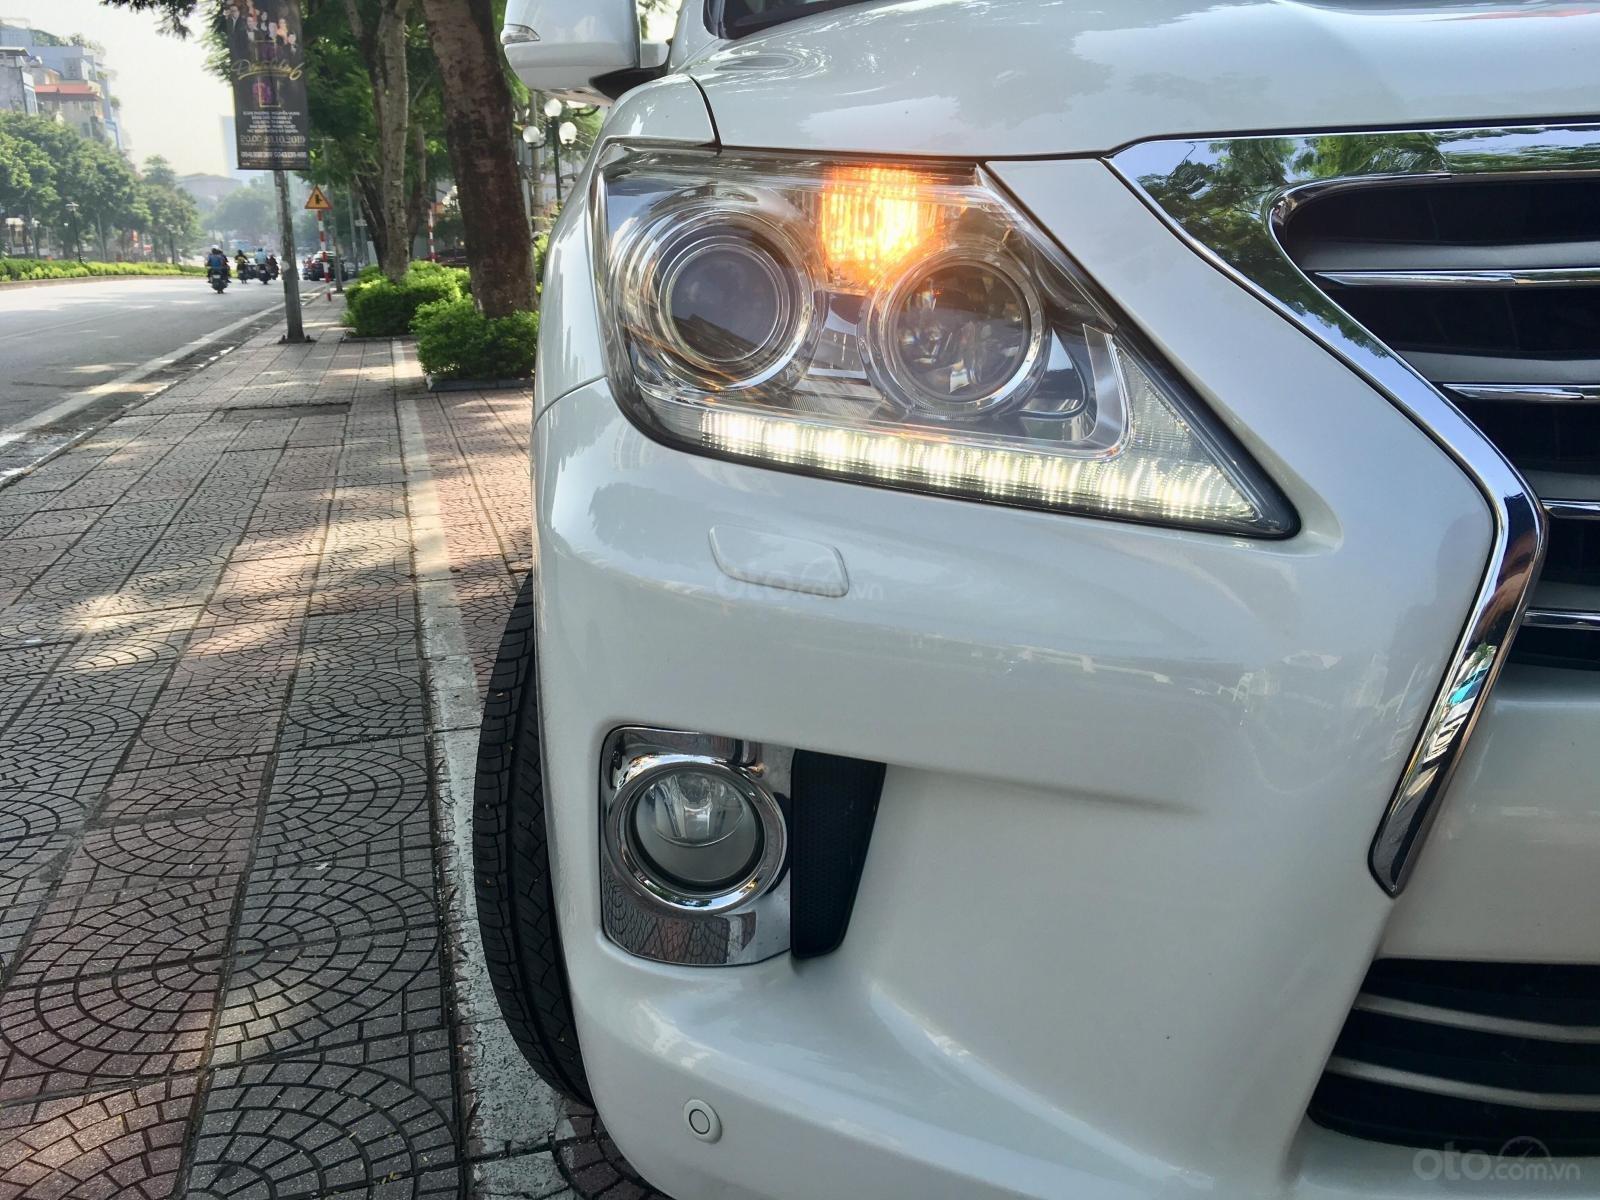 Bán xe Lexus LX 570 sản xuất 2012, màu trắng, nhập khẩu nguyên chiếc (3)